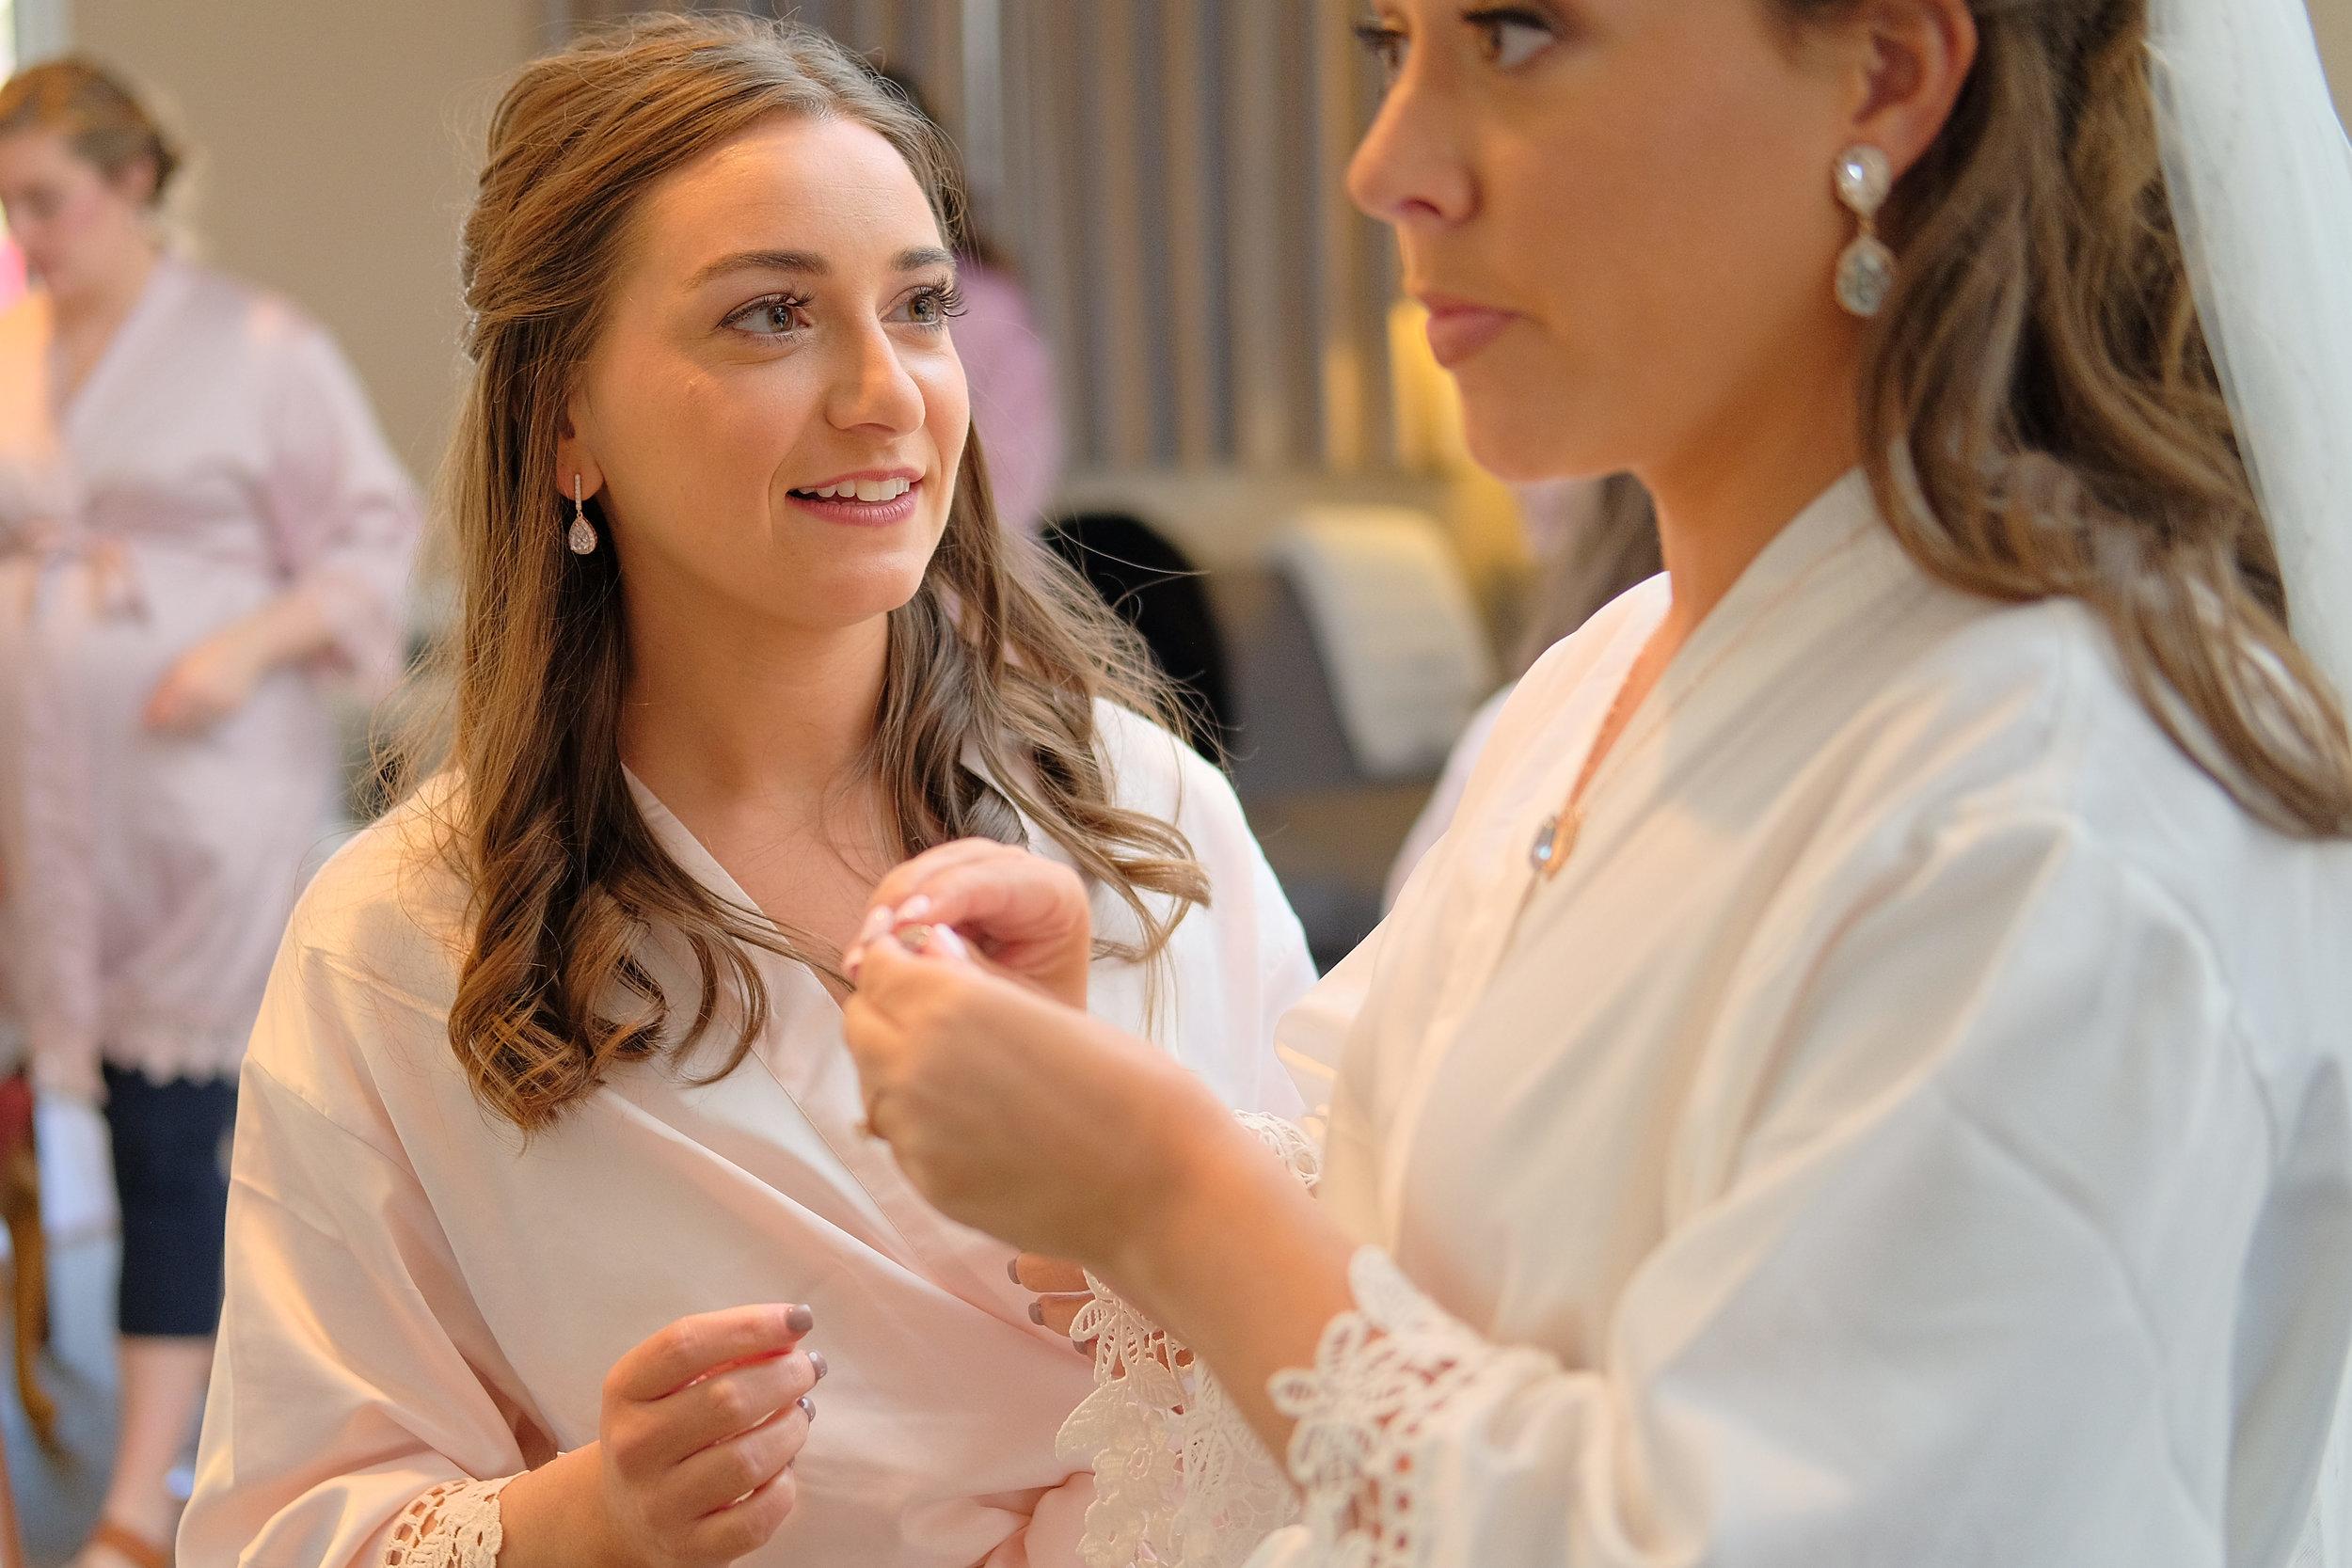 laconia-margate-wedding-photography-47.jpg